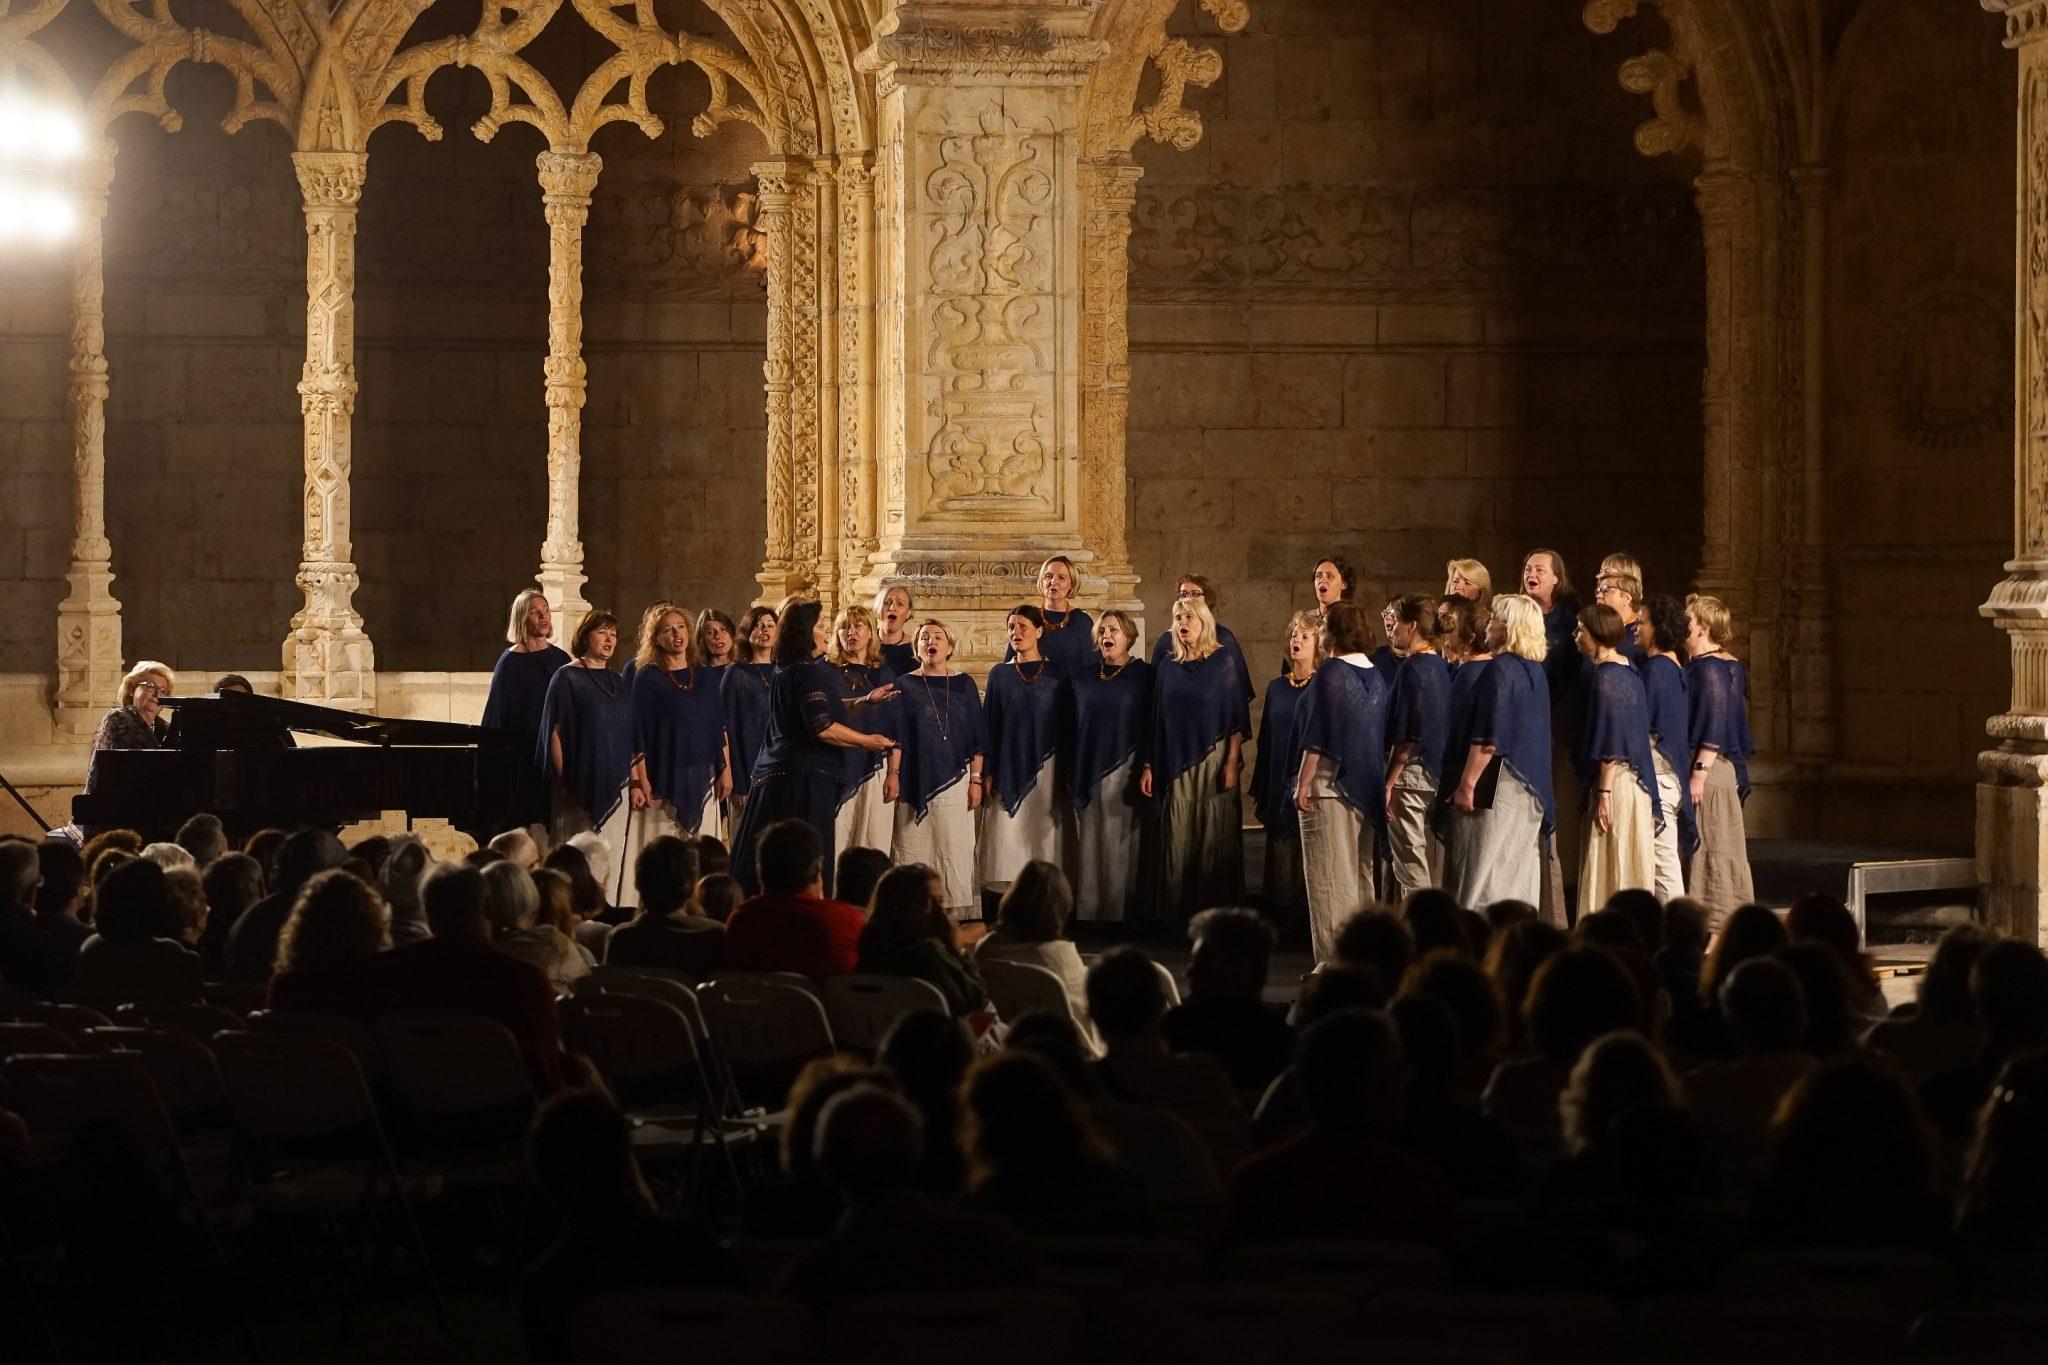 Coro composto por várias mulheres, vestidas com roupas cremes e um poncho azul escuro, cantam à noite no Claustro do Mosteiro dos Jerónimos. À esquerda, uma mulher toca piano. À frente são visíveis silhuetas de espetadores.